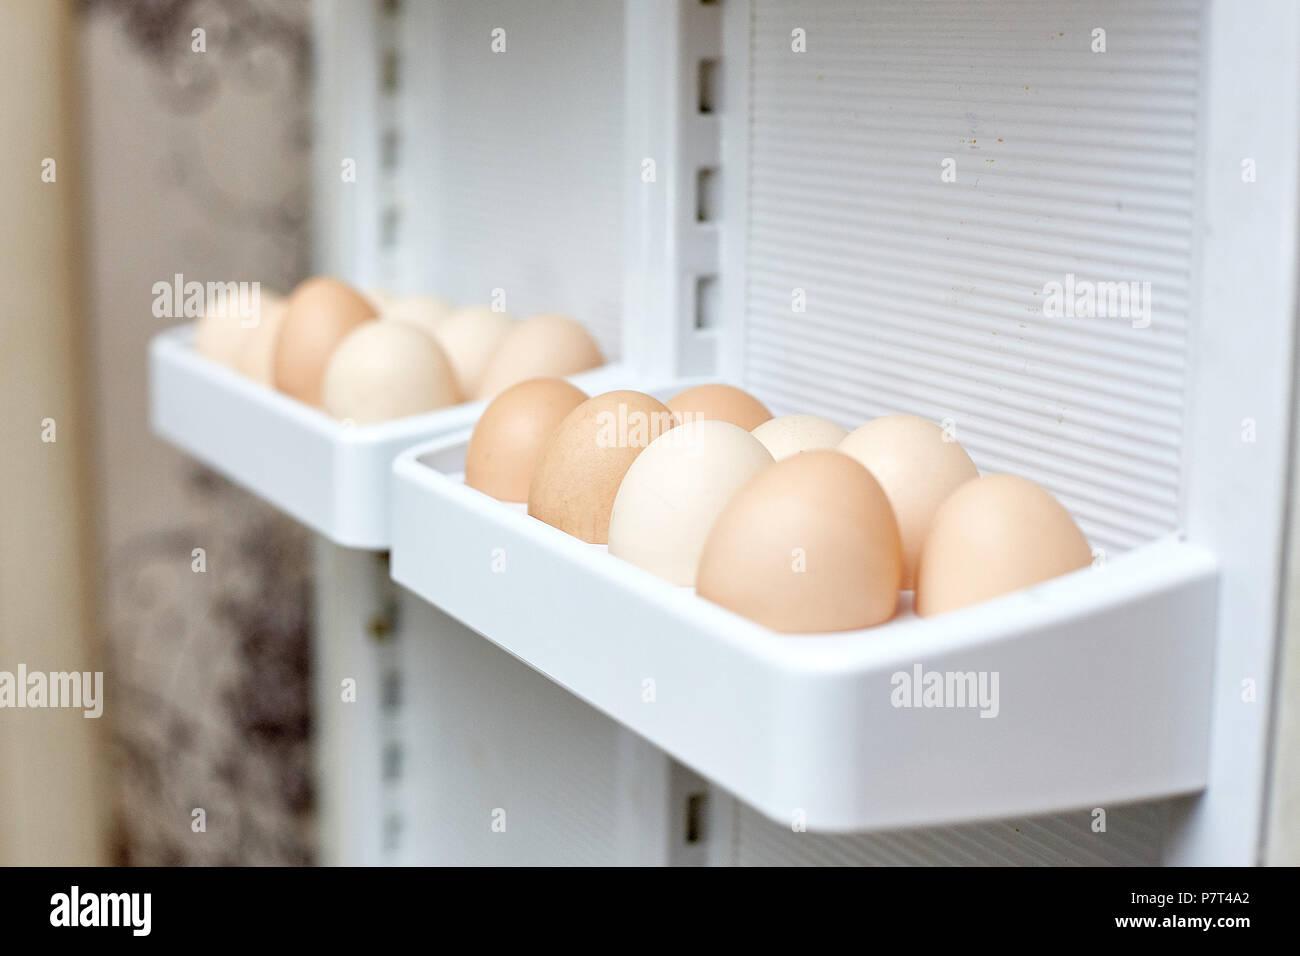 Kühlschrank Ei : Frischen eiern in einem regal der kühlschrank stockfoto bild